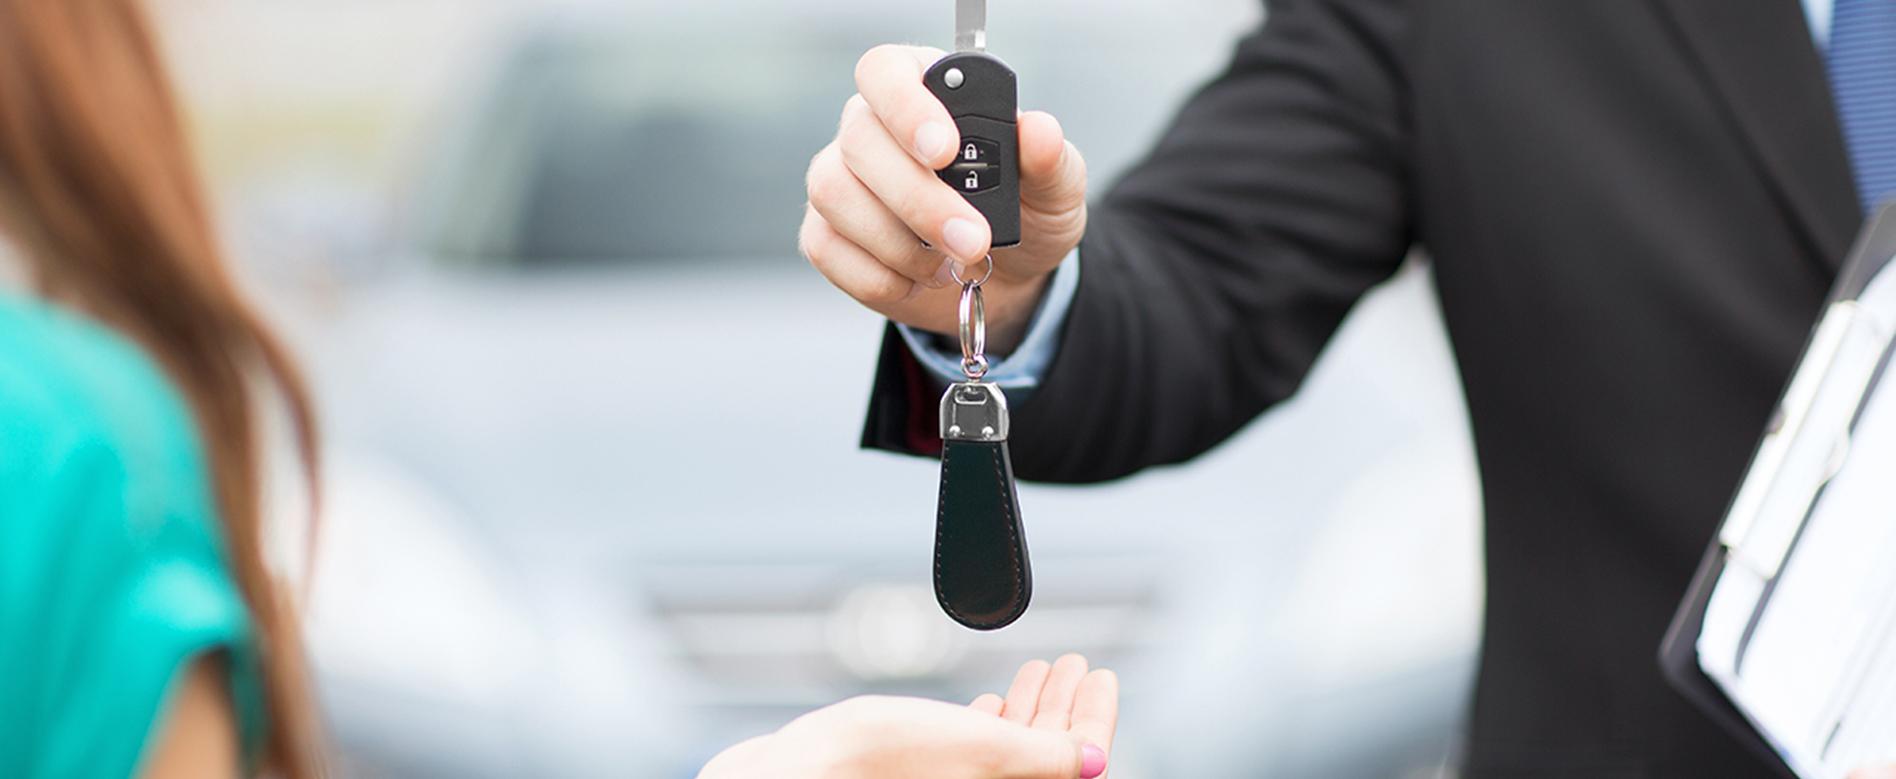 Noleggio Auto senza conducente